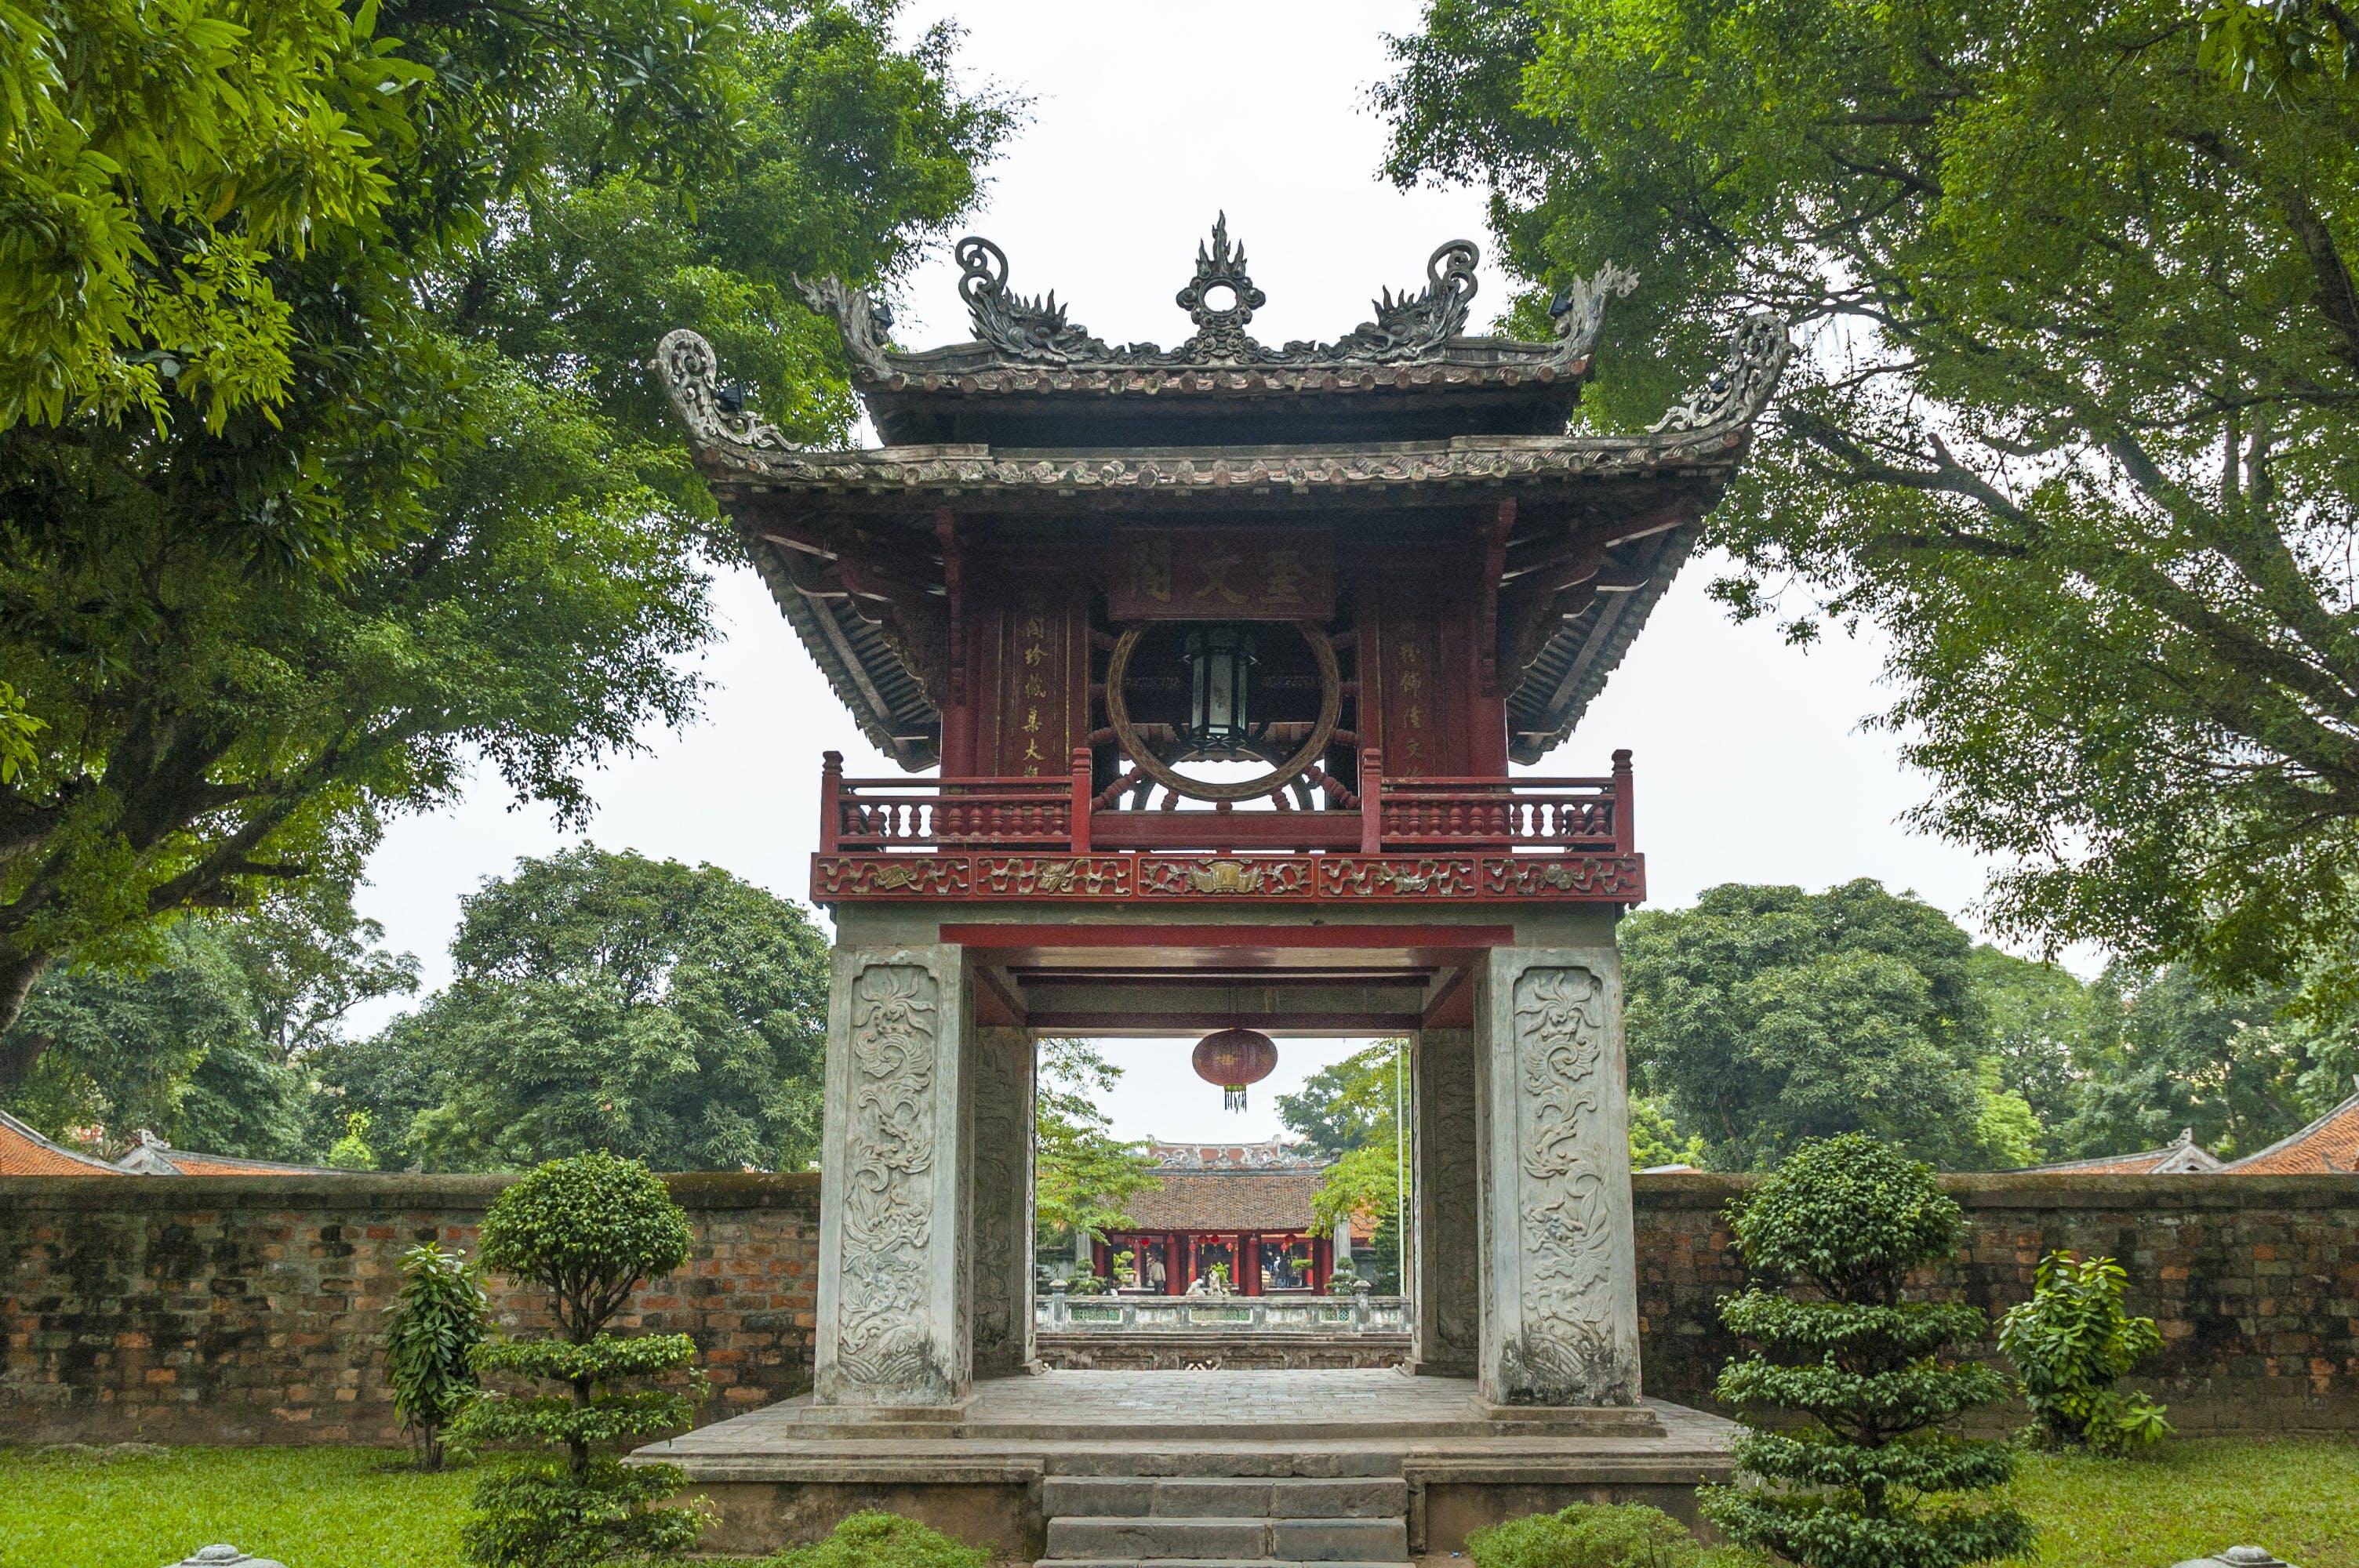 De imposante toegangspoort van de Tempel of Literature